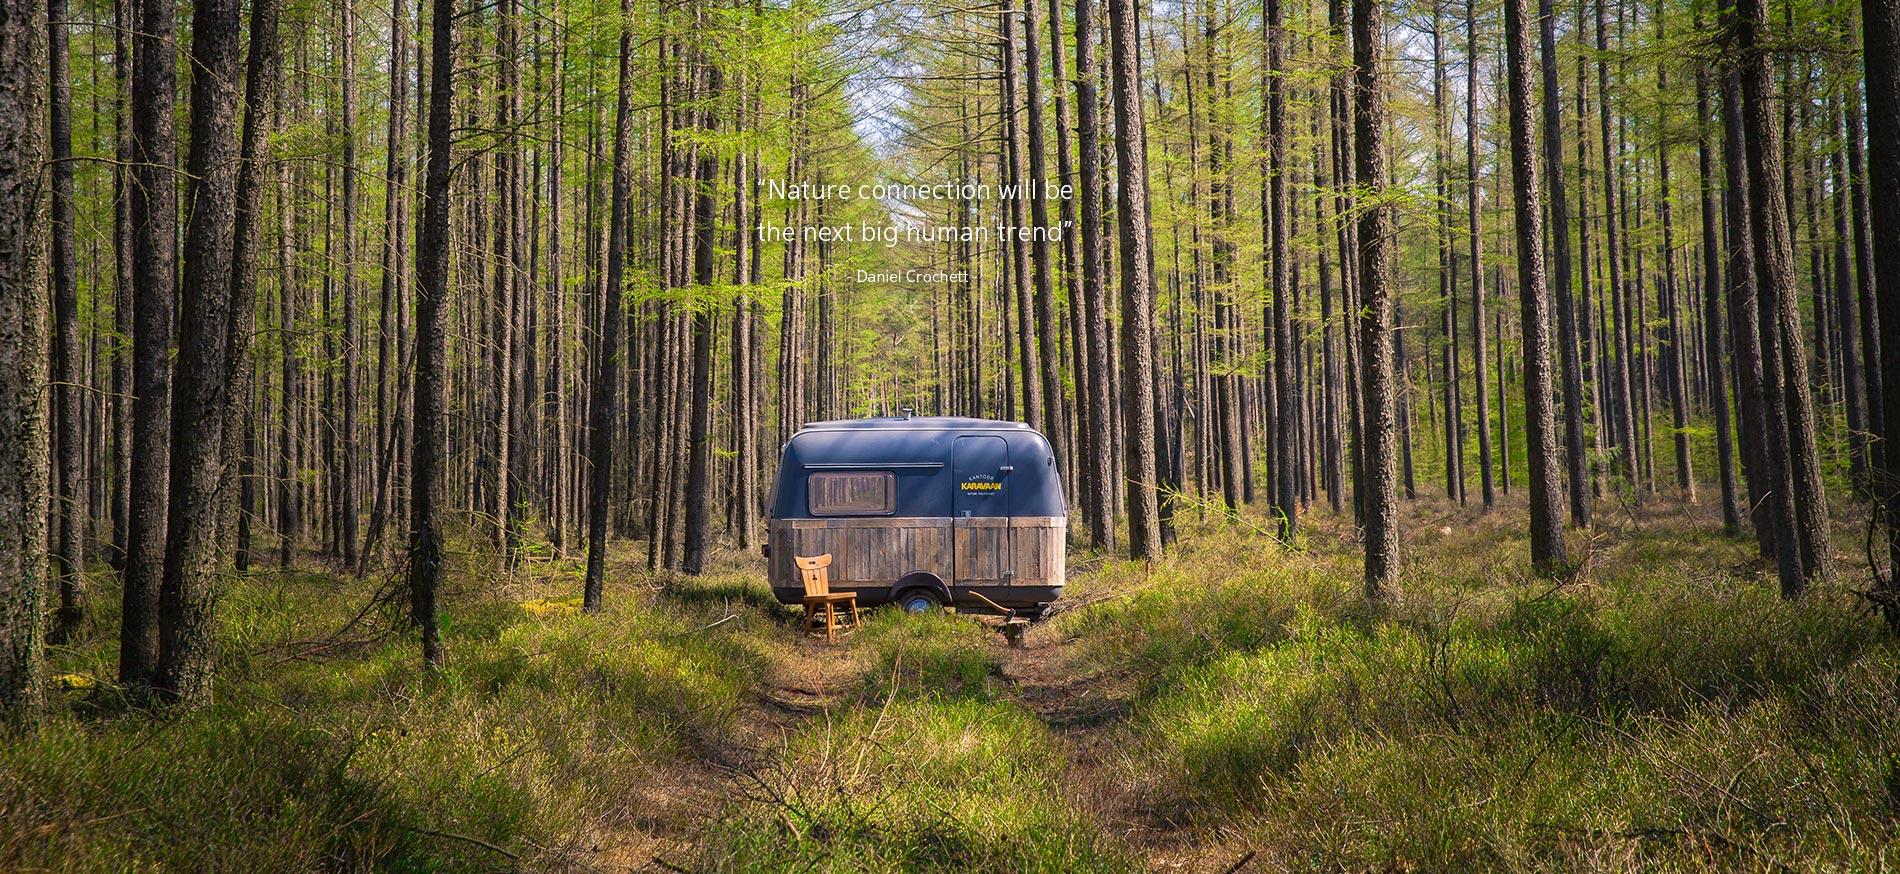 Bomen-quote_verder_caravan4